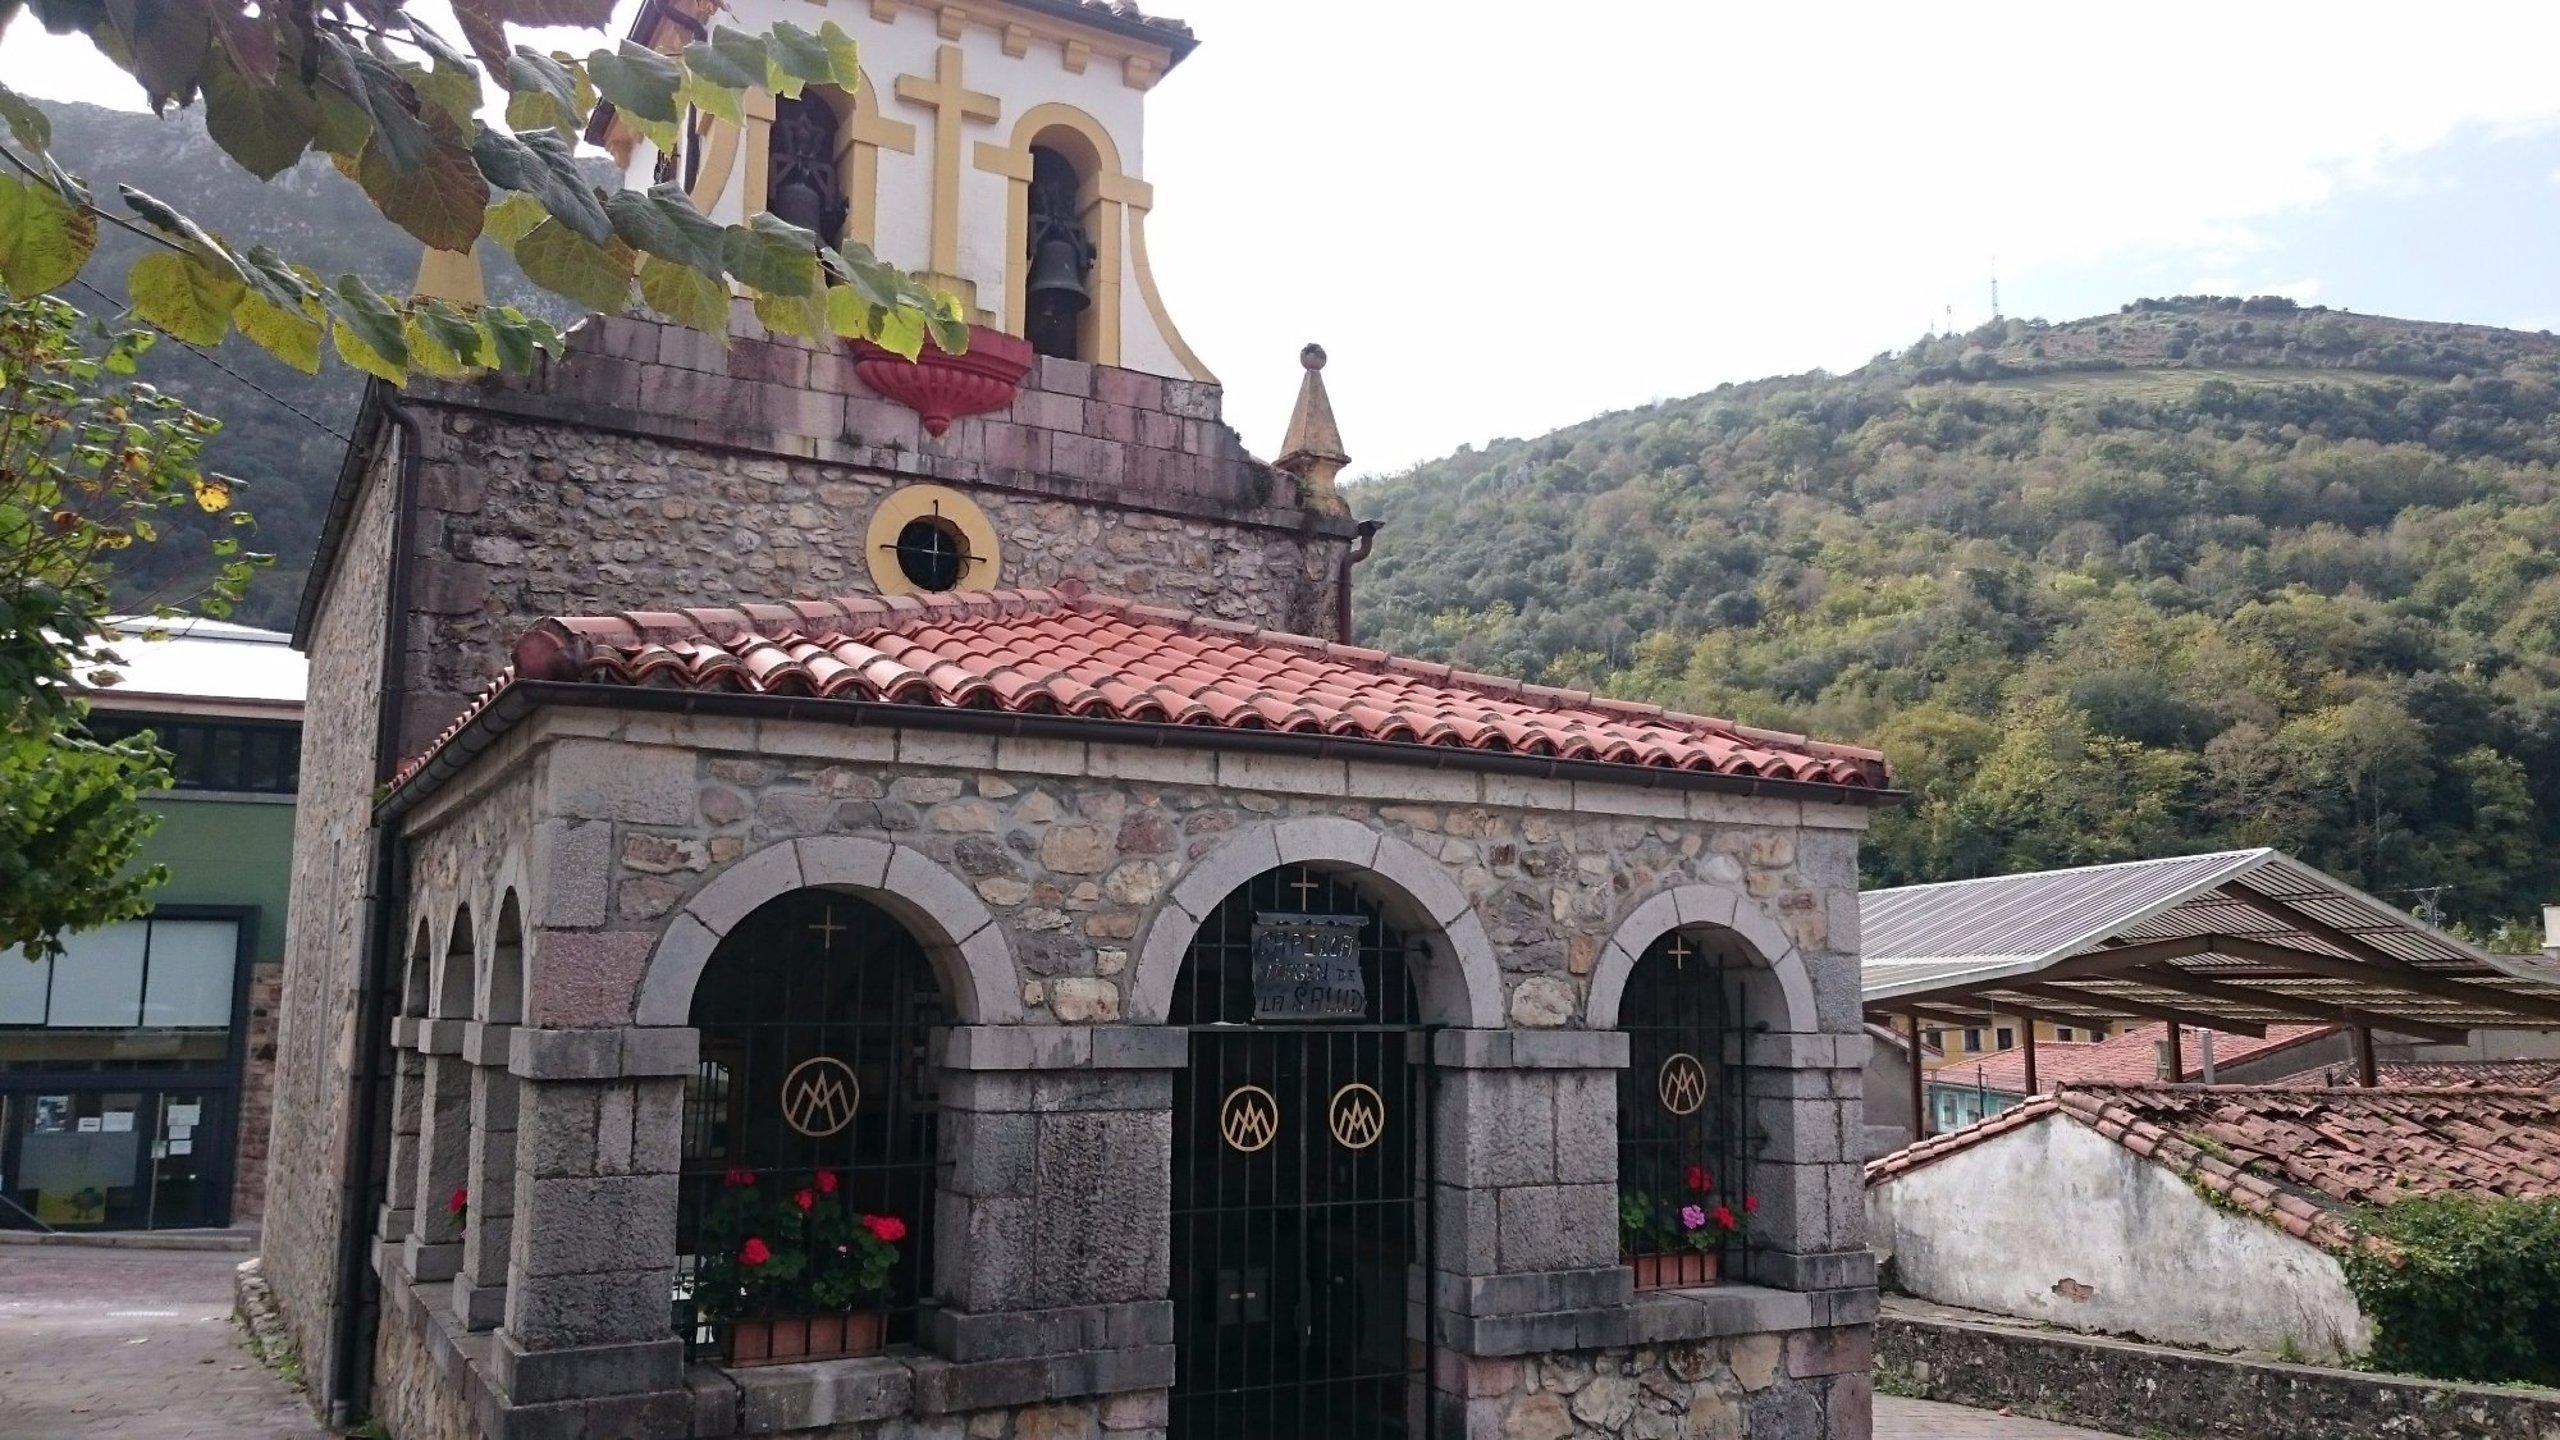 Ermita Virgen de la Salud (Carreña) - 2021 Qué saber antes de ir - Lo más  comentado por la gente - Tripadvisor